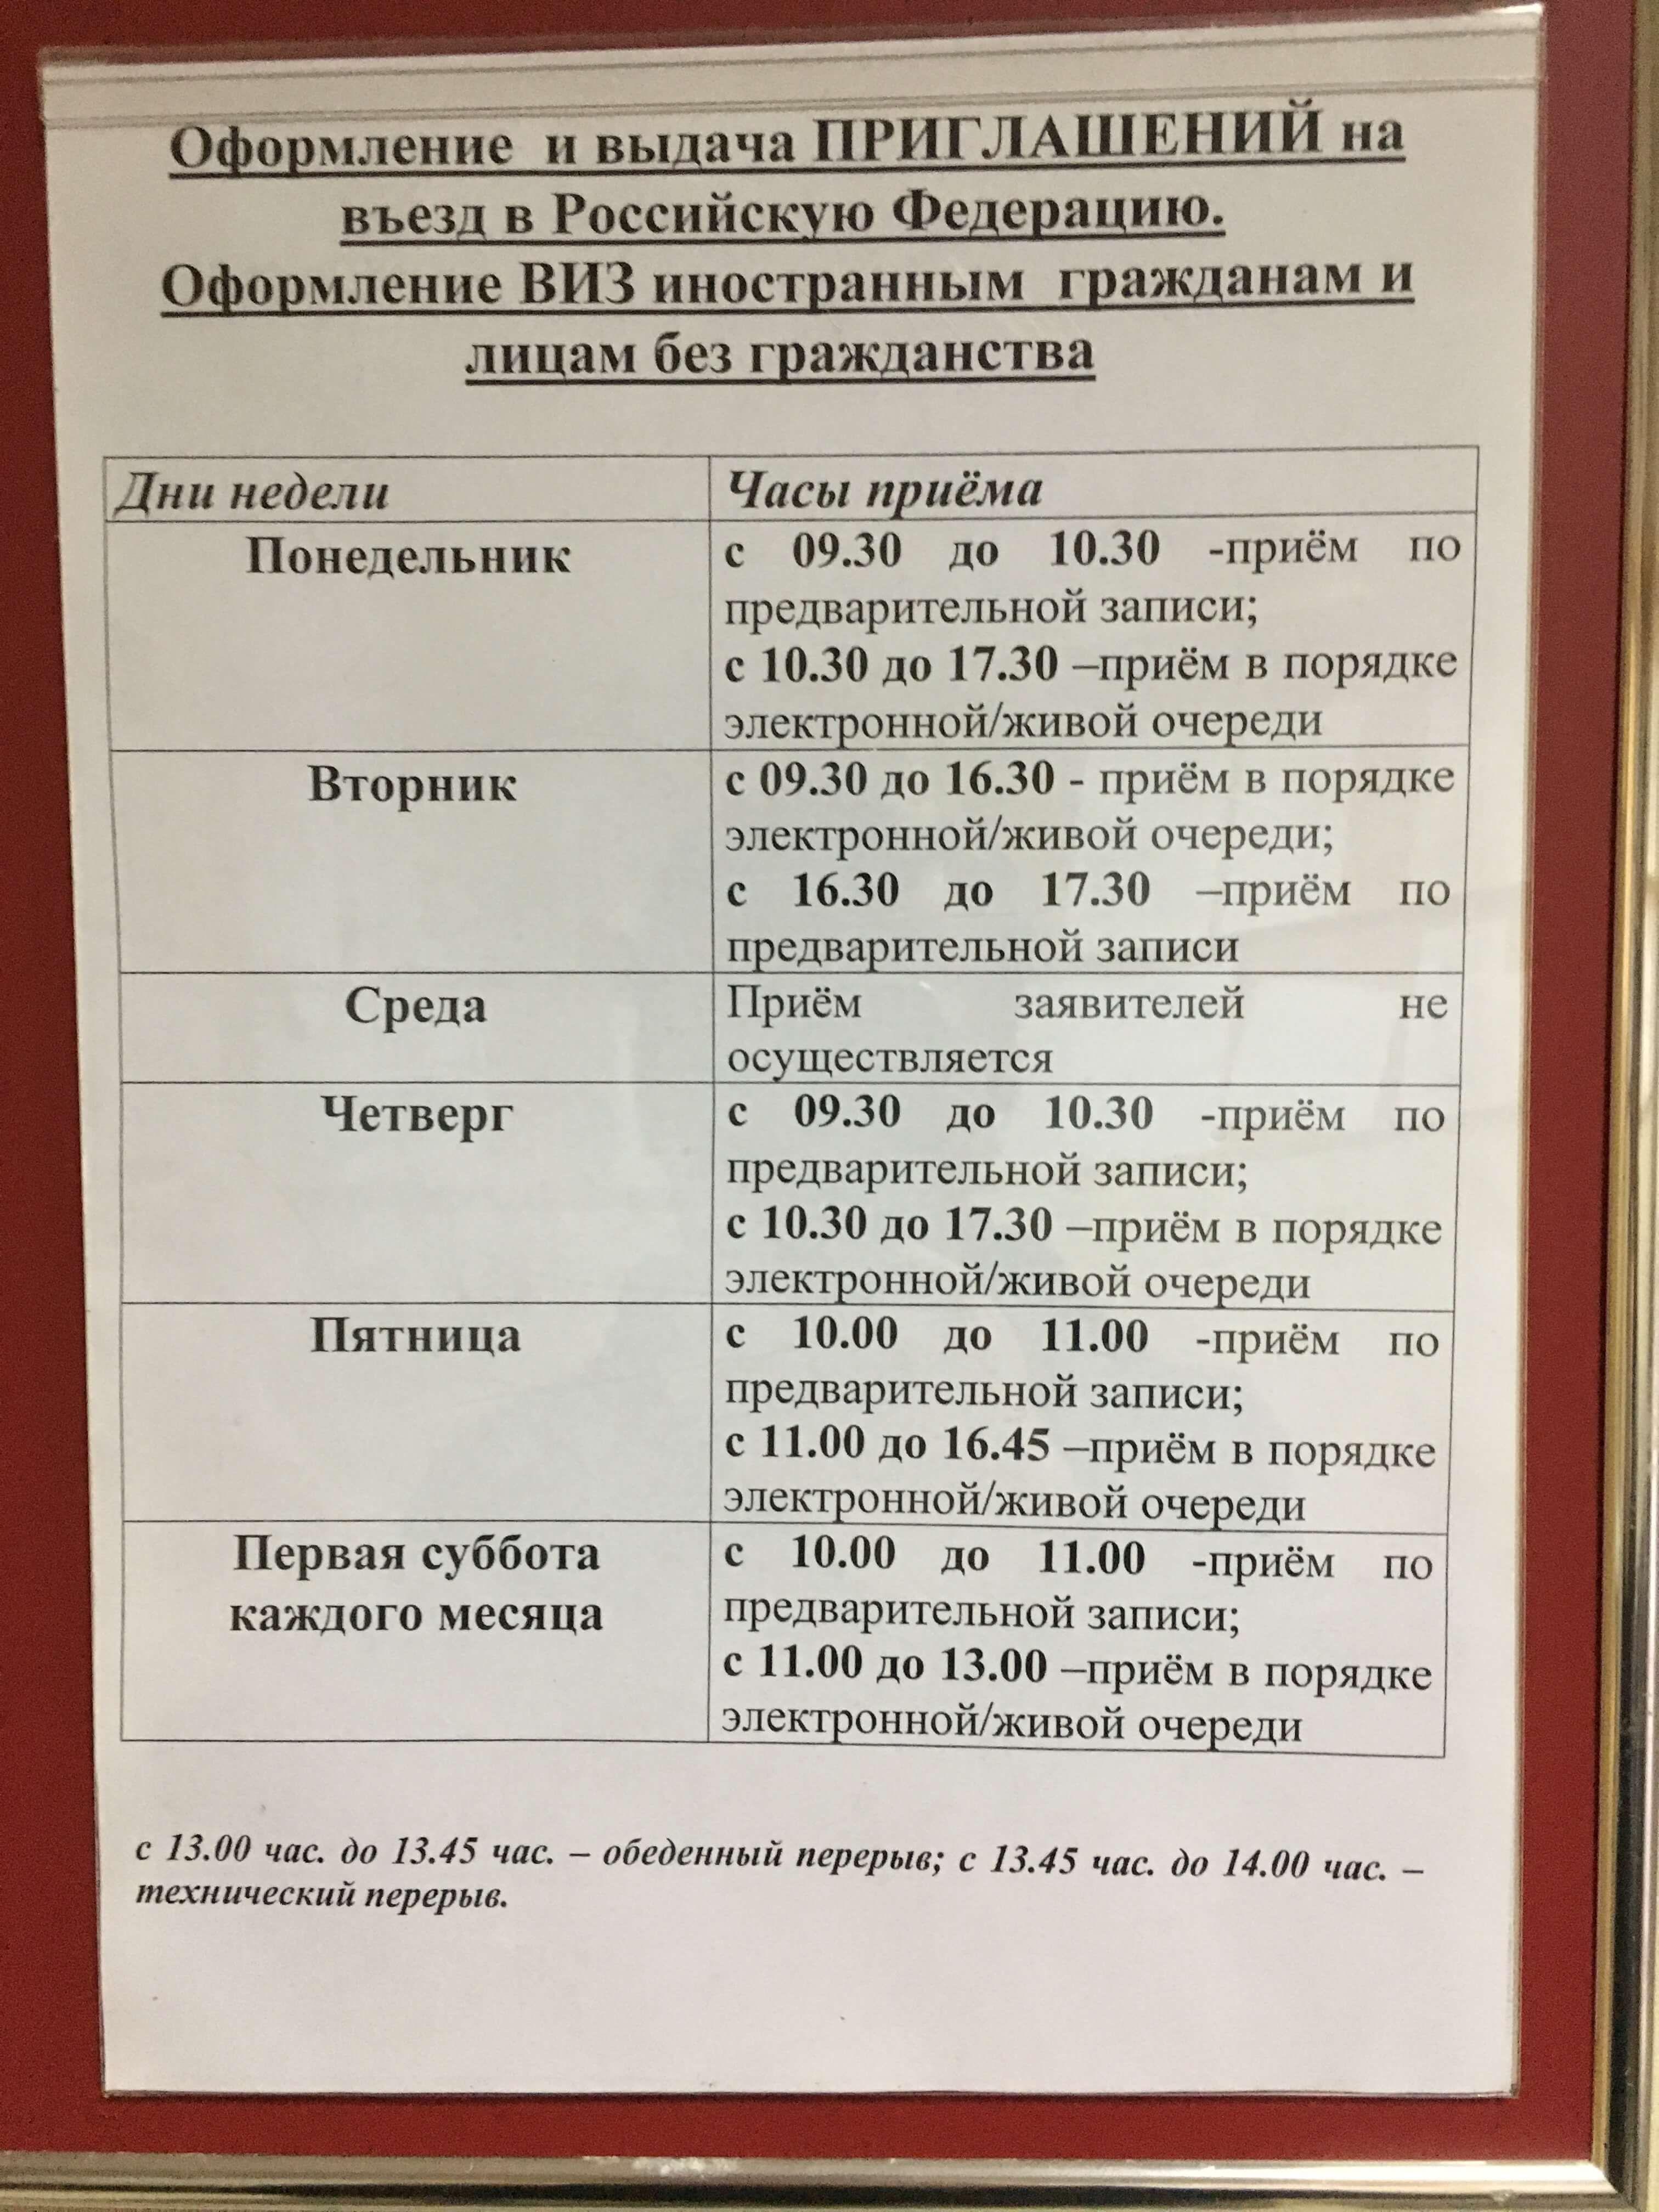 Работа во всеволожске для девушек работа танцовщицей в москве